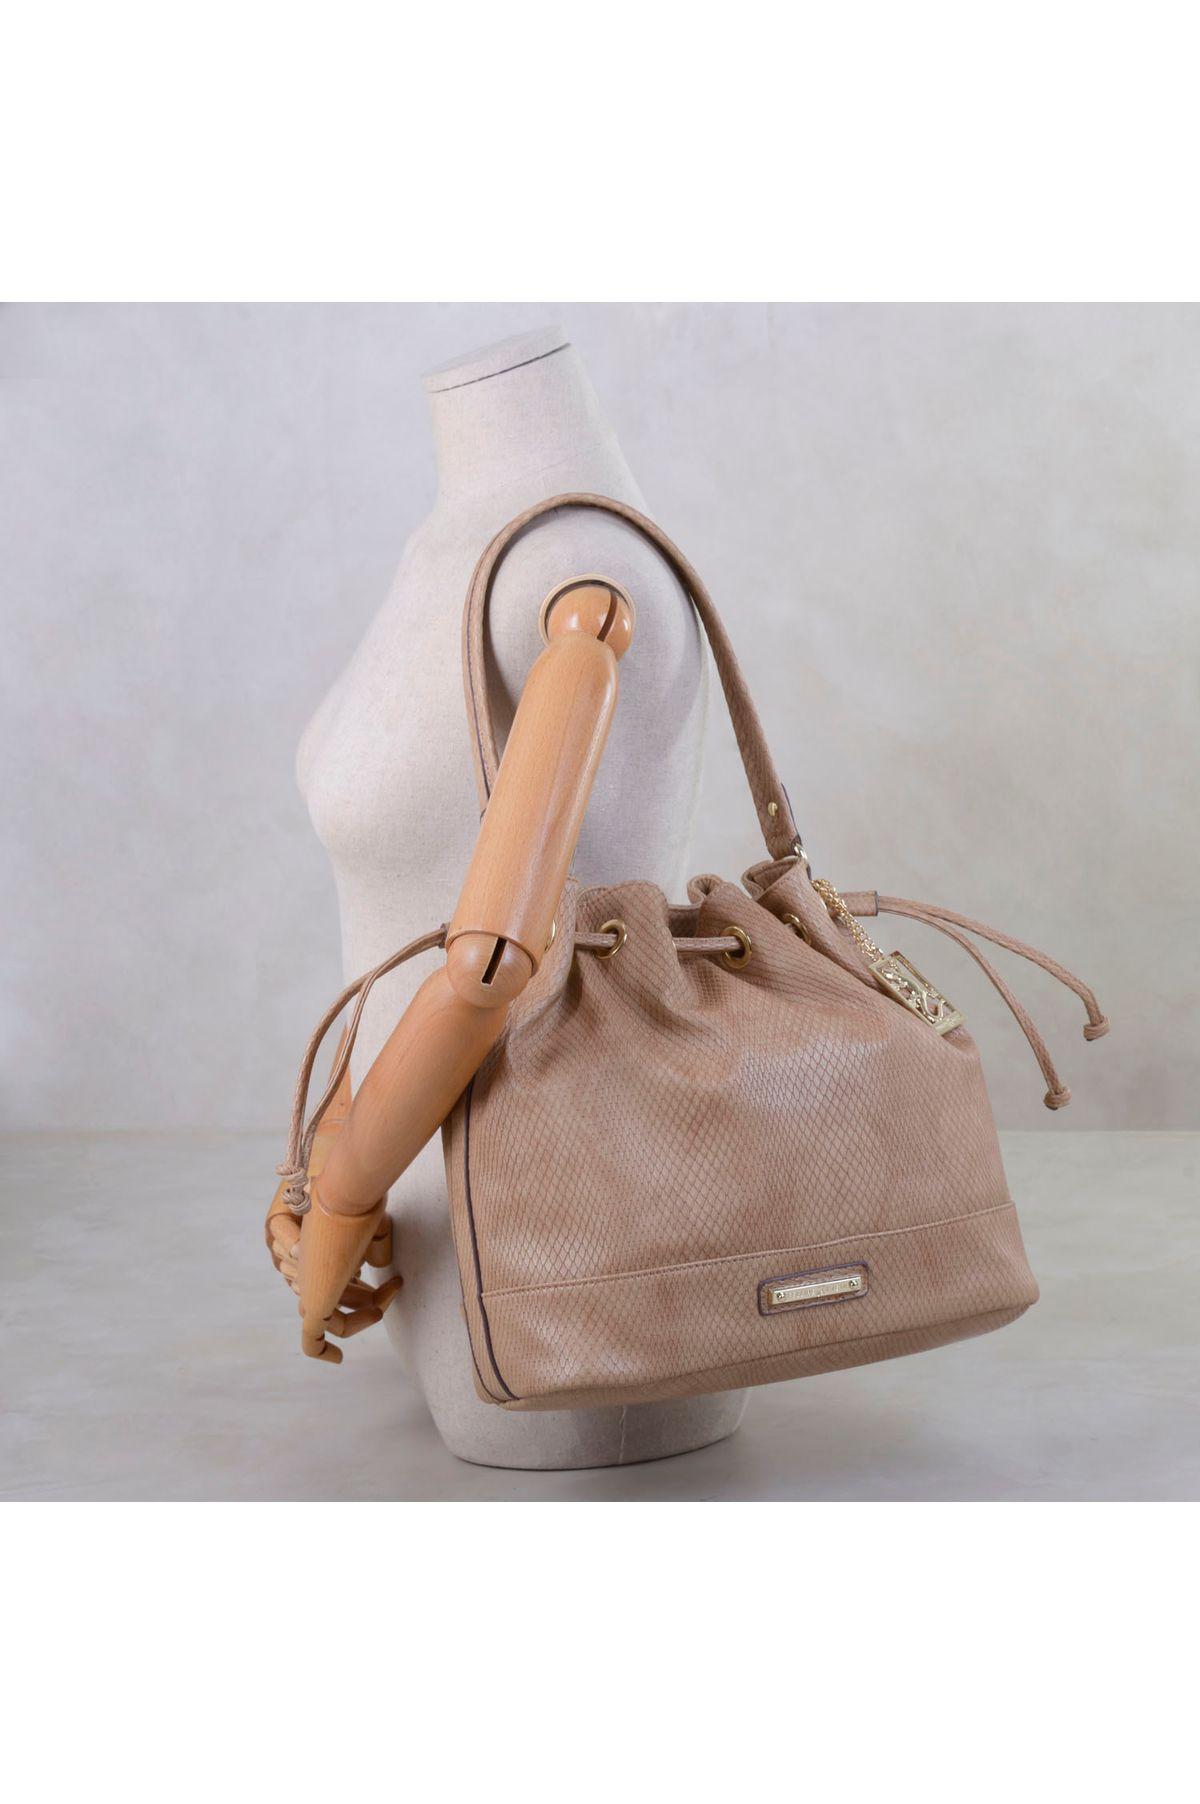 3d5673dd5 Bolsa Feminina Fellipe Krein Rosie   Mundial Calçados - Mundial Calçados